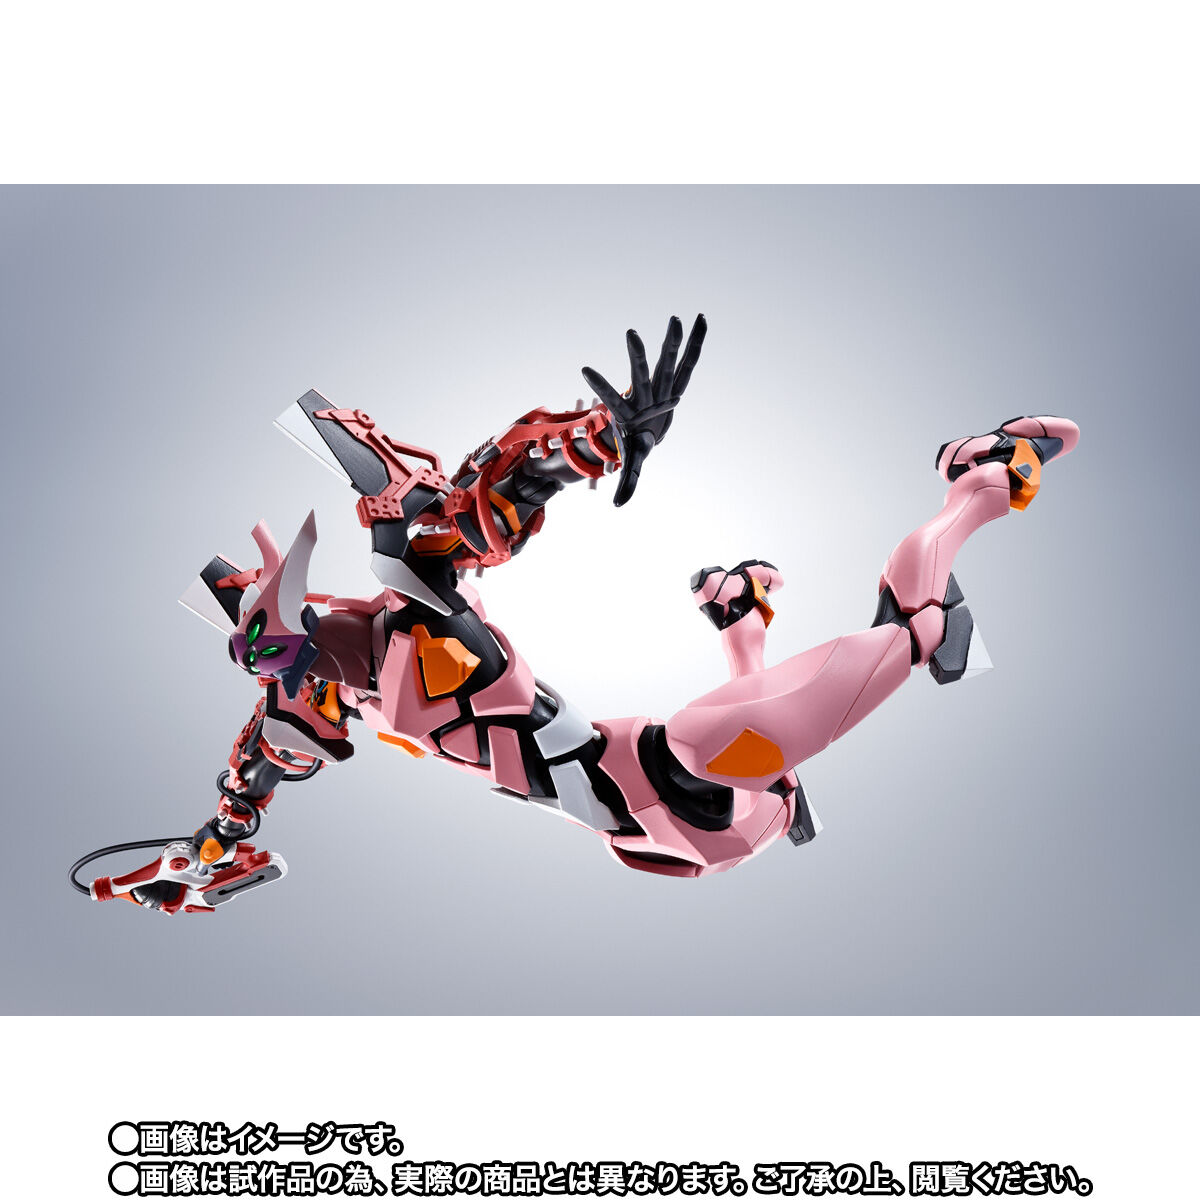 【限定販売】ROBOT魂〈SIDE EVA〉『エヴァンゲリオン改8号機y』シン・エヴァンゲリオン劇場版 可動フィギュア-006